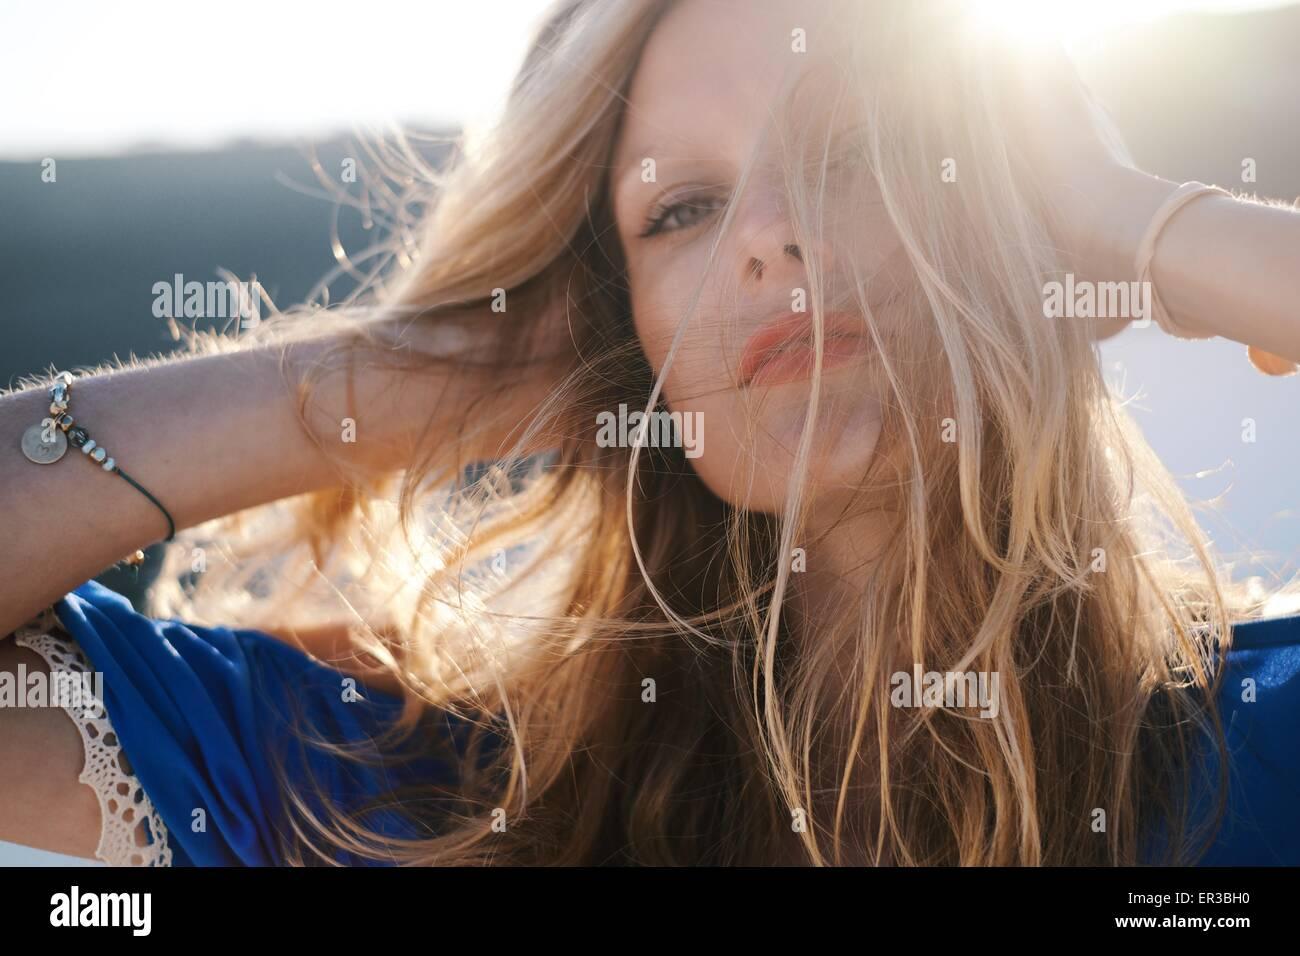 Femme en marche ses mains dans ses cheveux Photo Stock